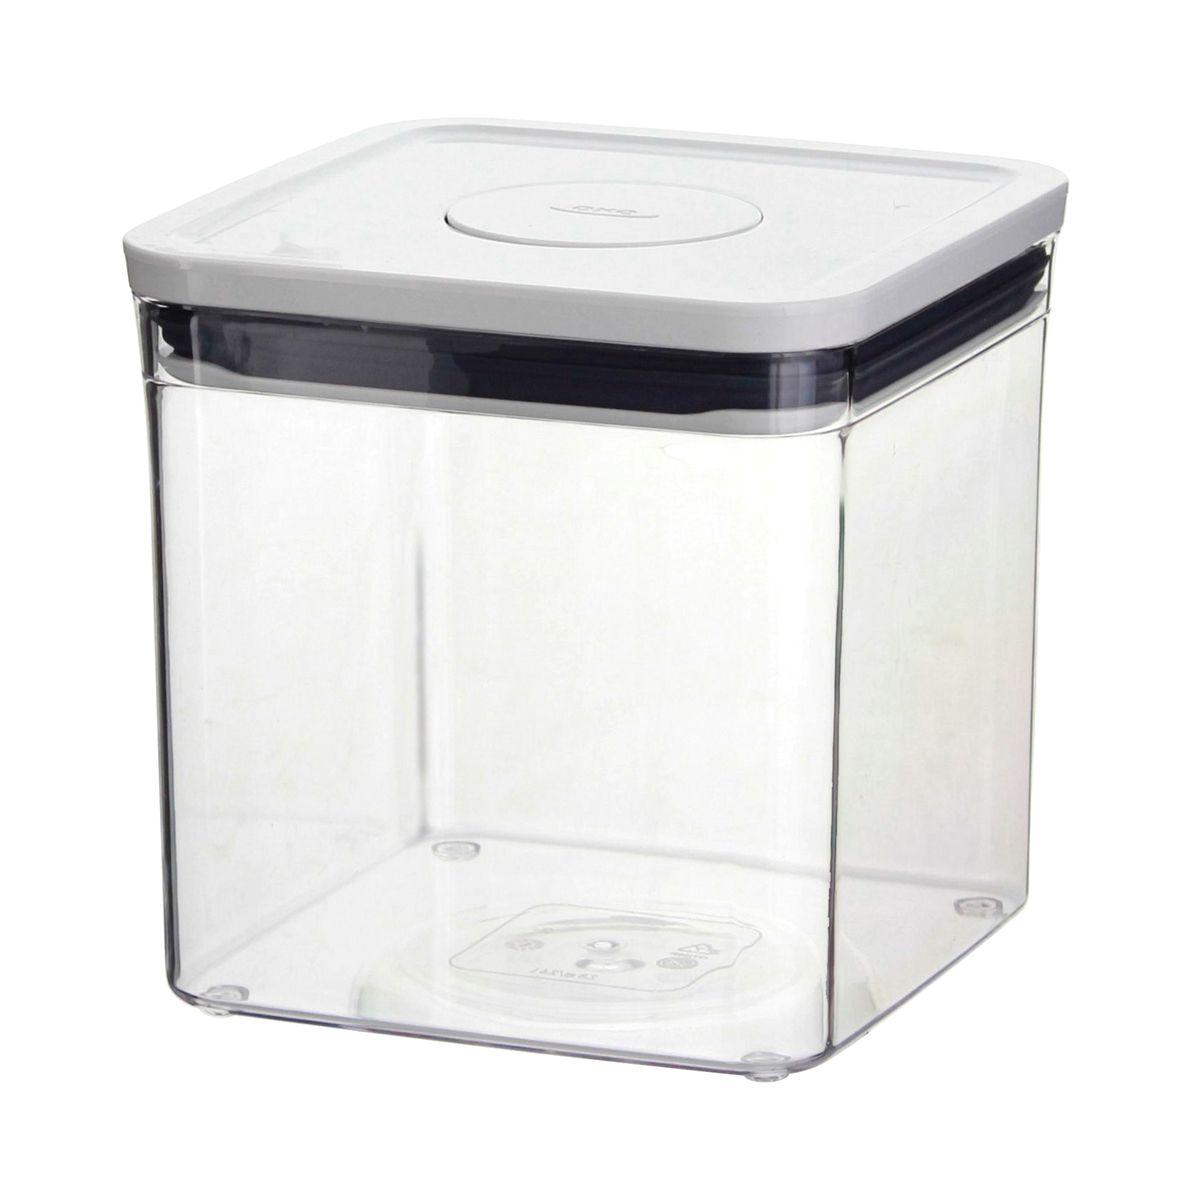 Boîte de conservation Pop 2.0 carrée basse 2.6l - Oxo